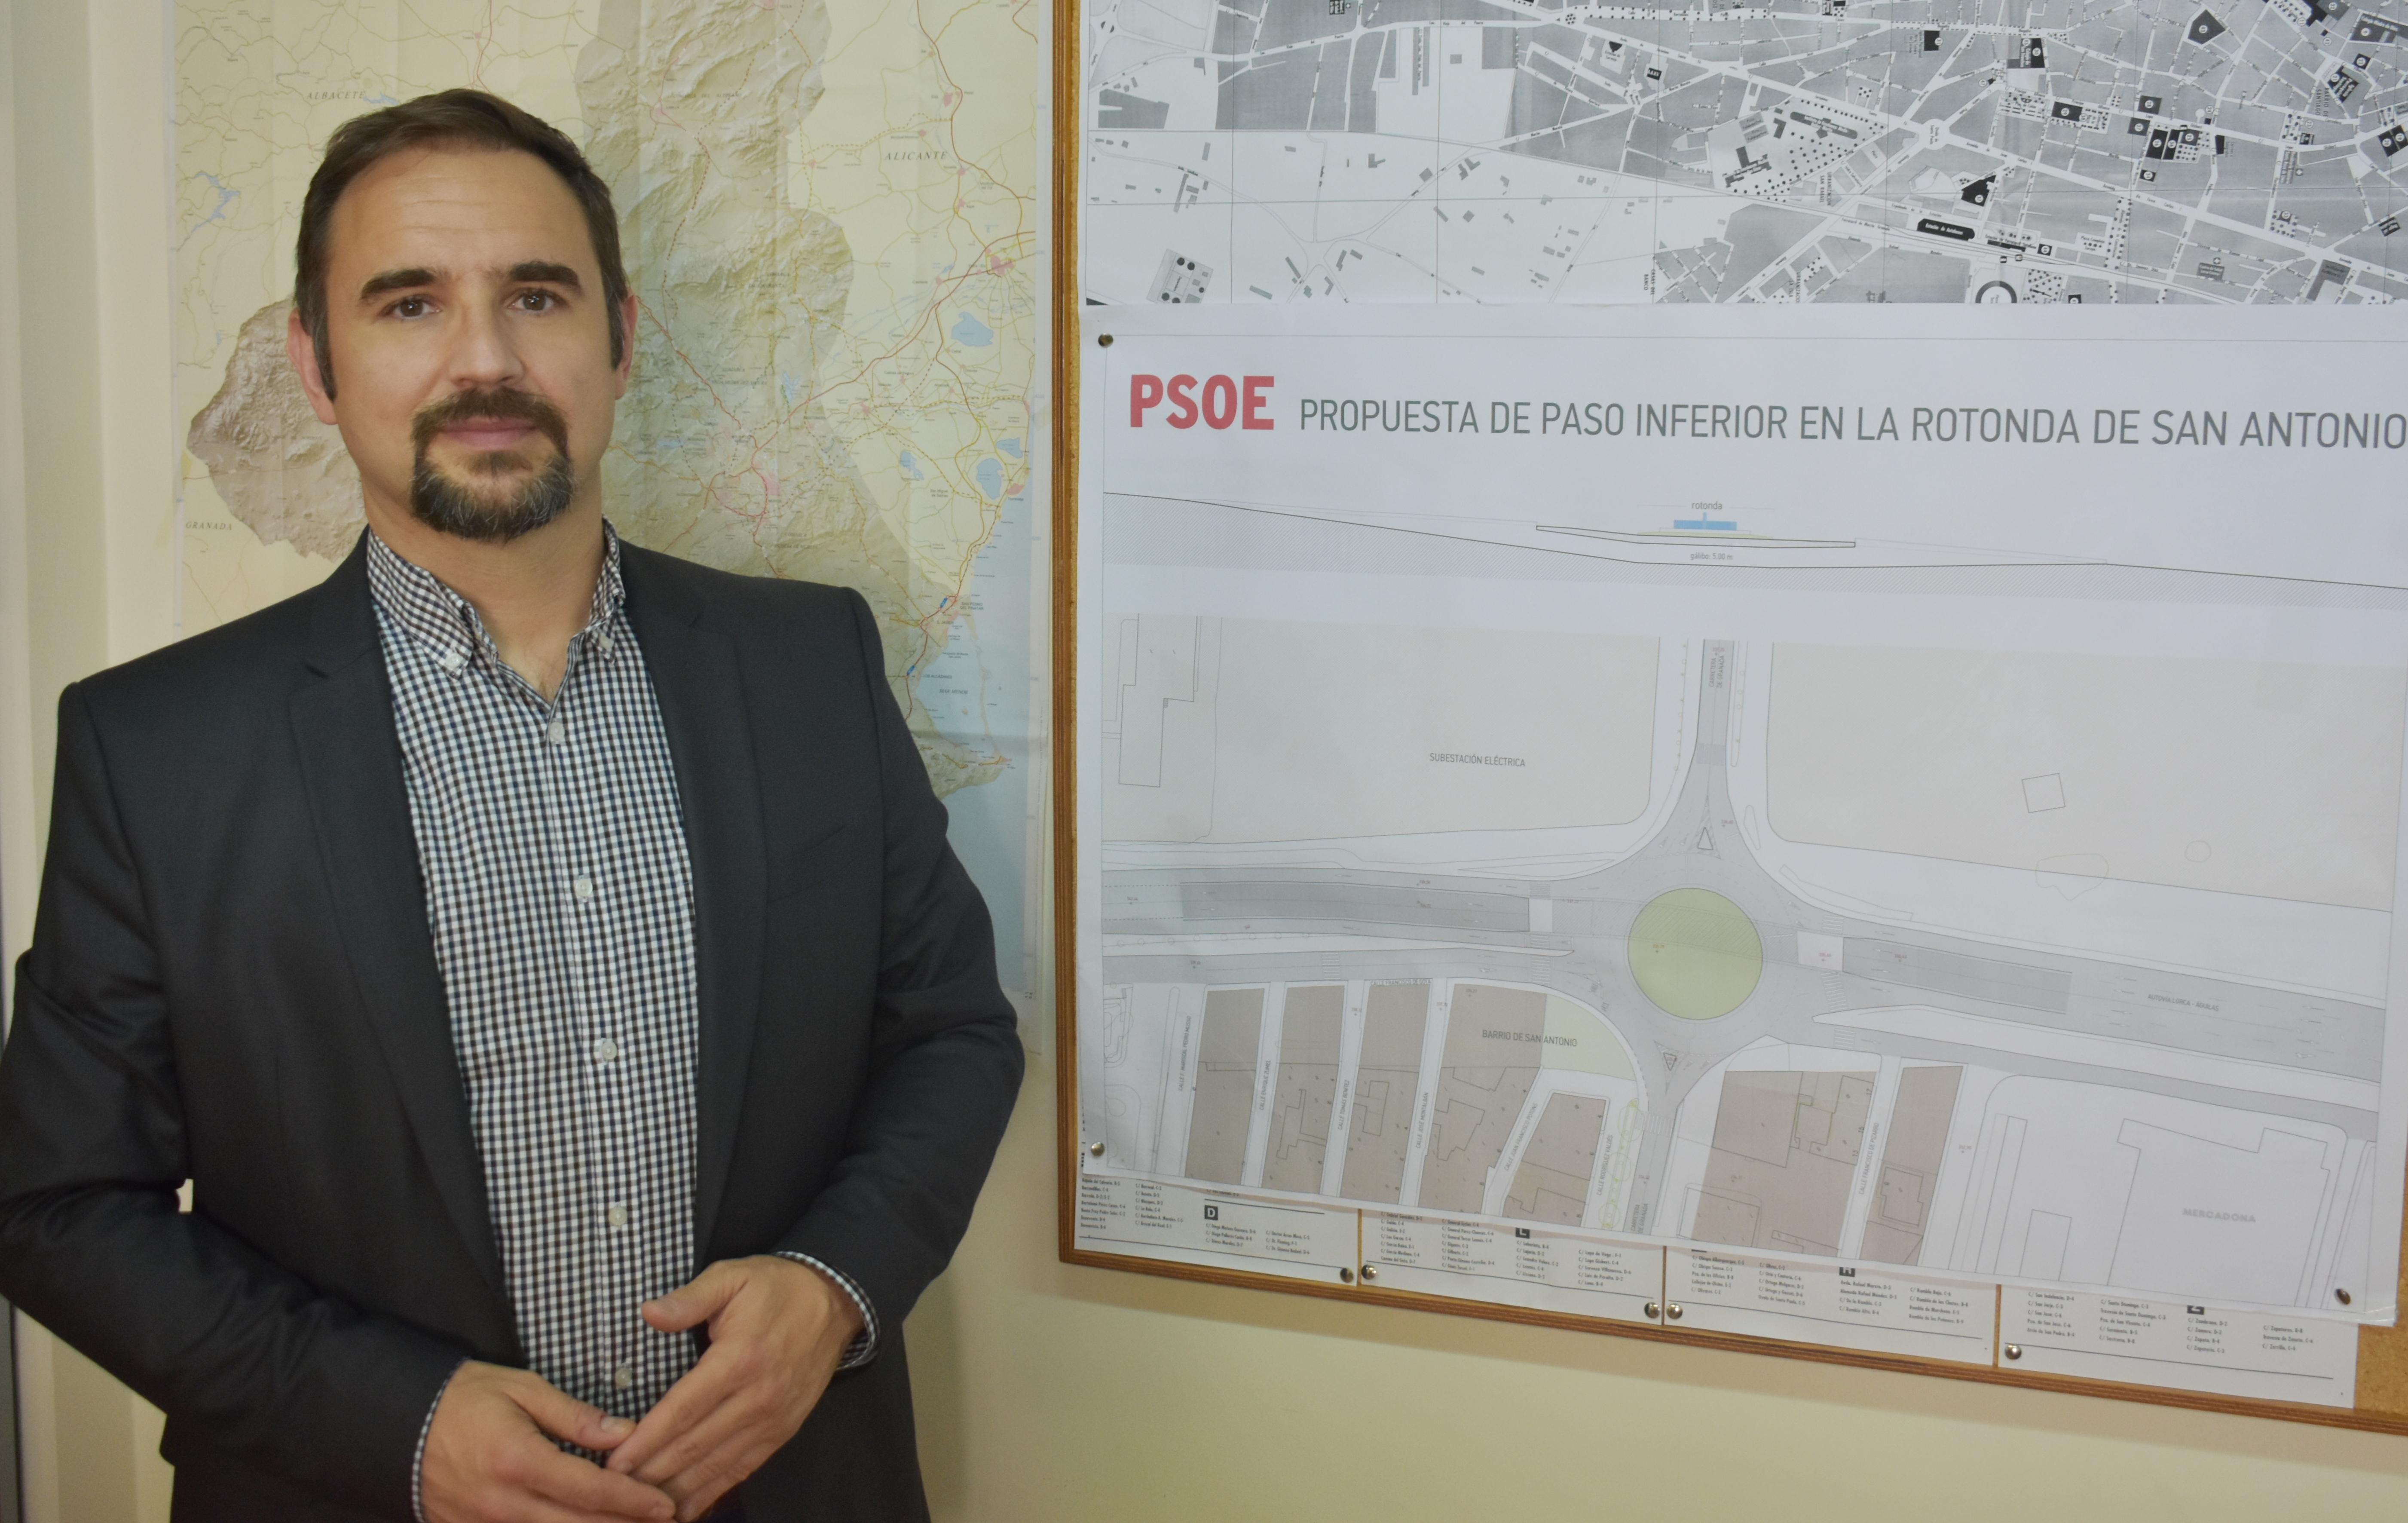 Mateos presenta el proyecto con el que acabar con los colapsos de tráfico que se producen a diario en San Antonio